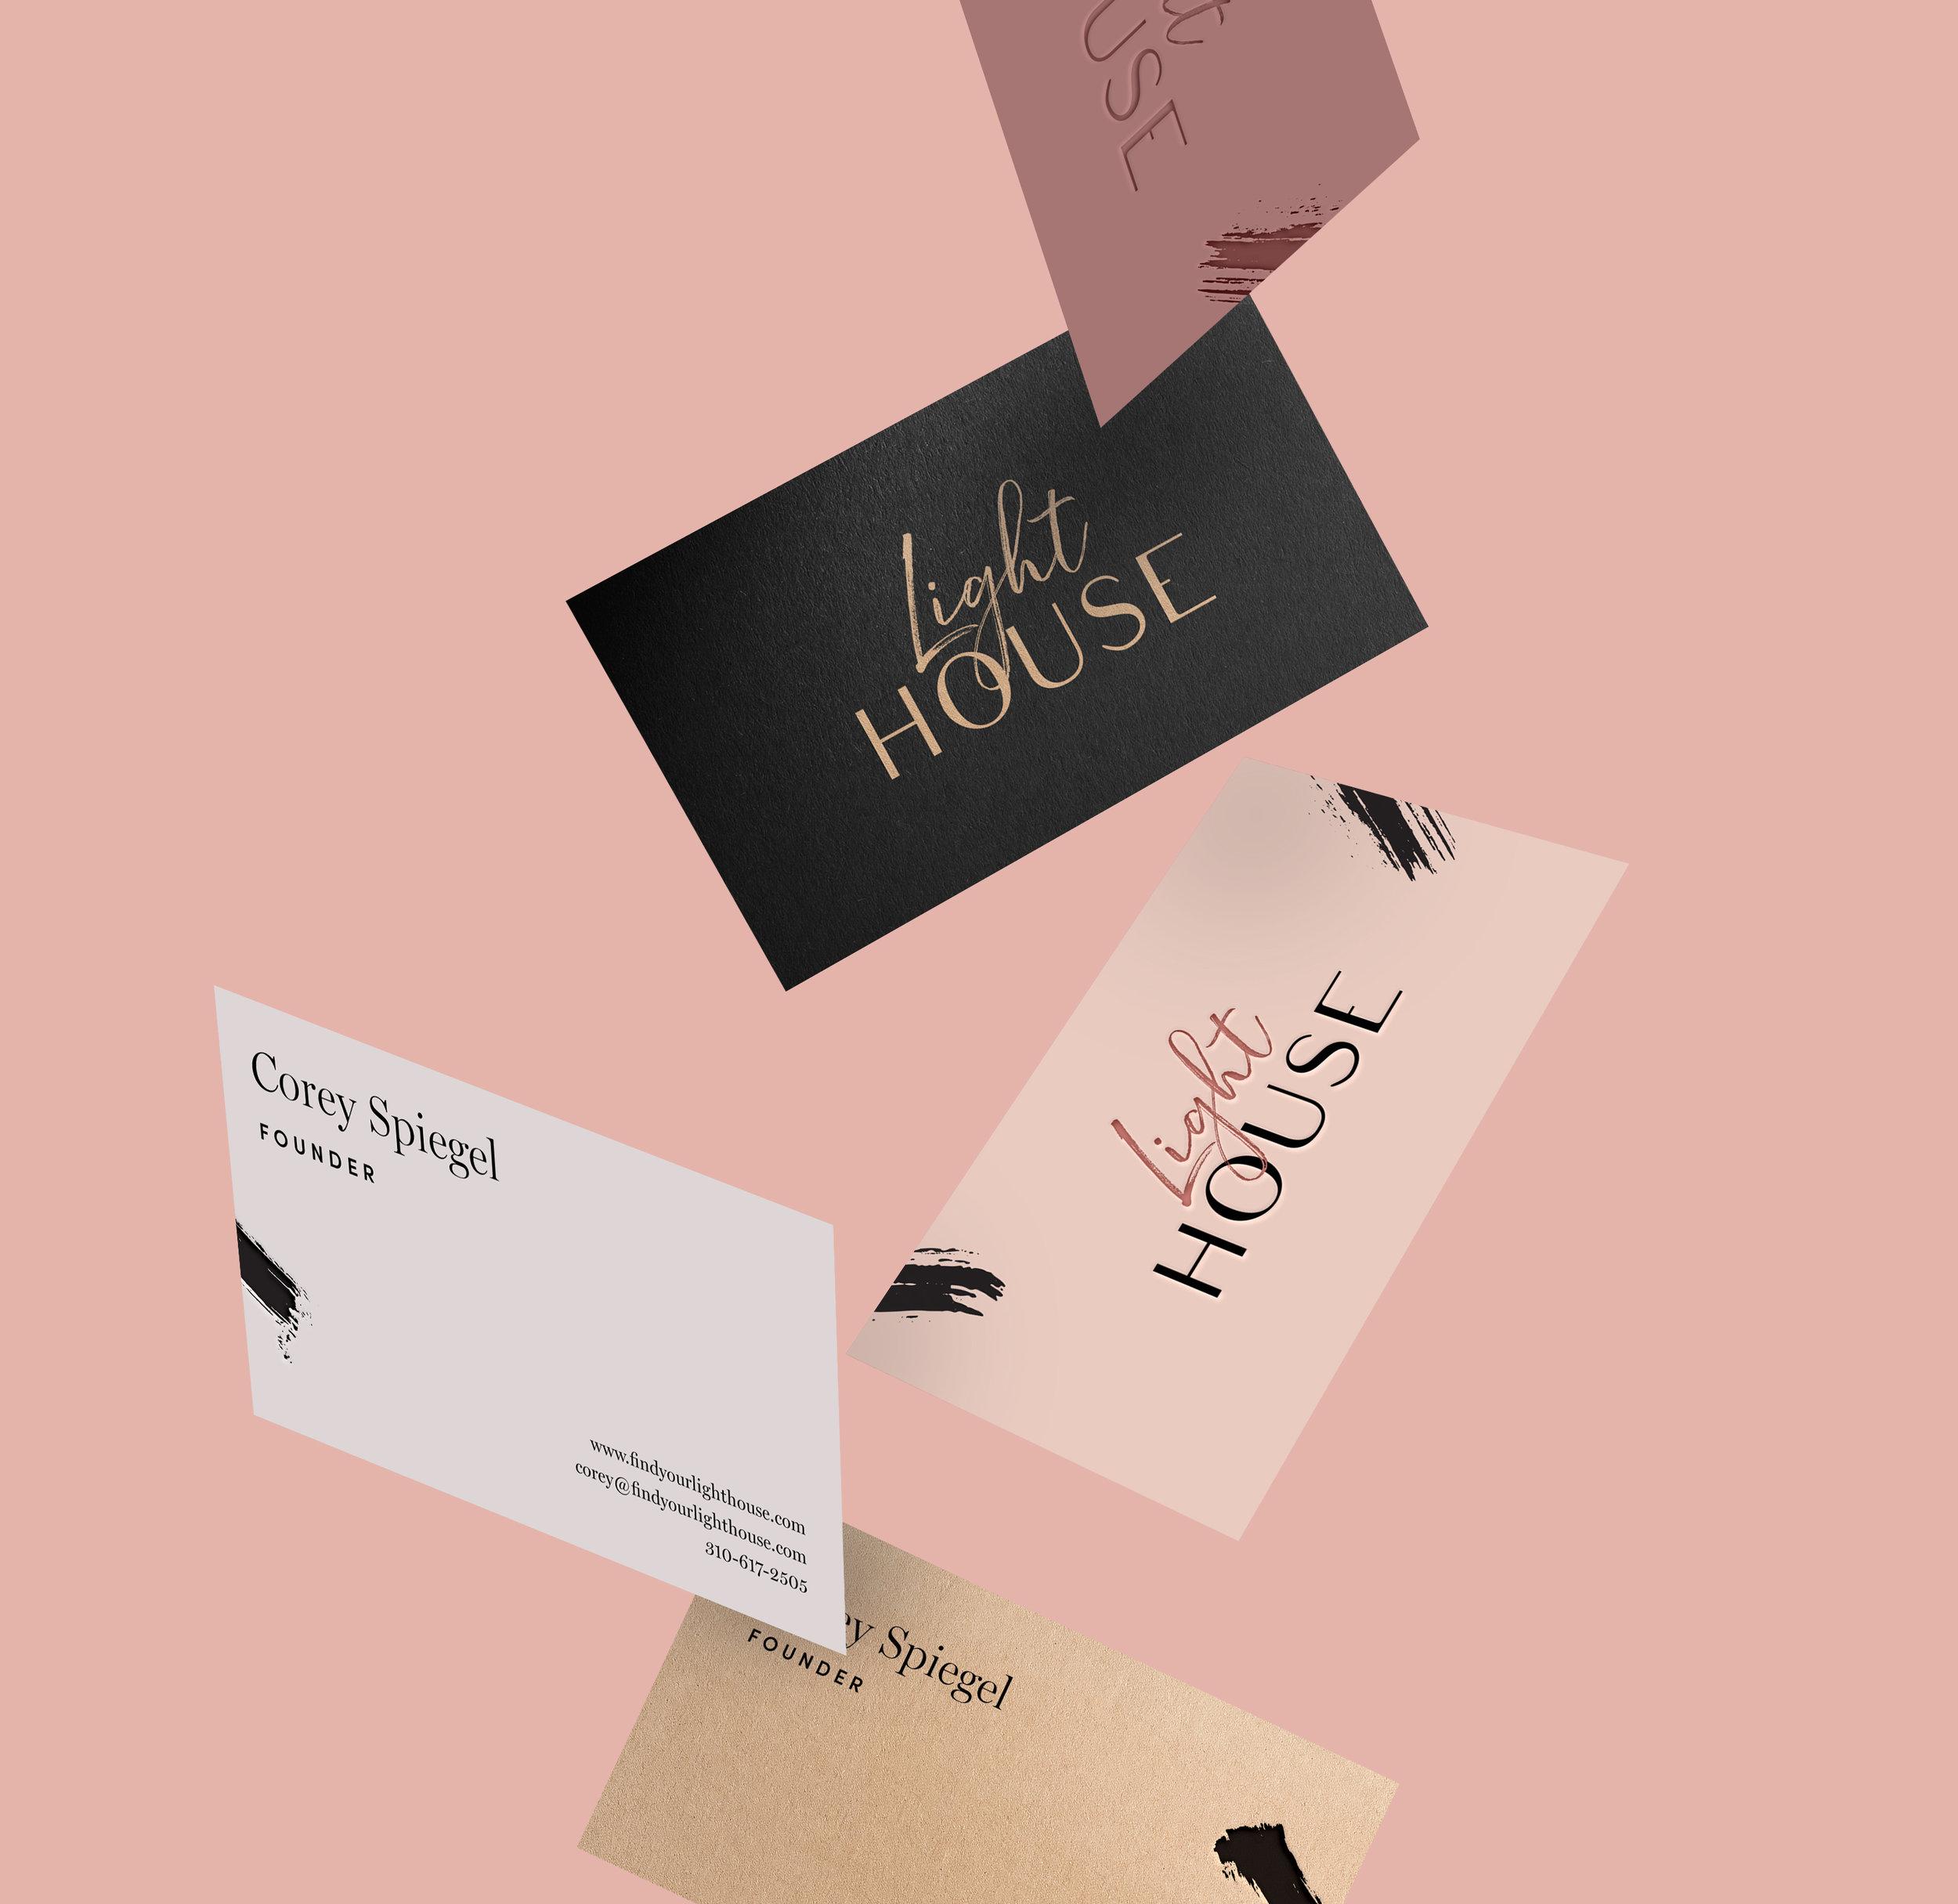 Light House - Branding, Web Design, Print Design